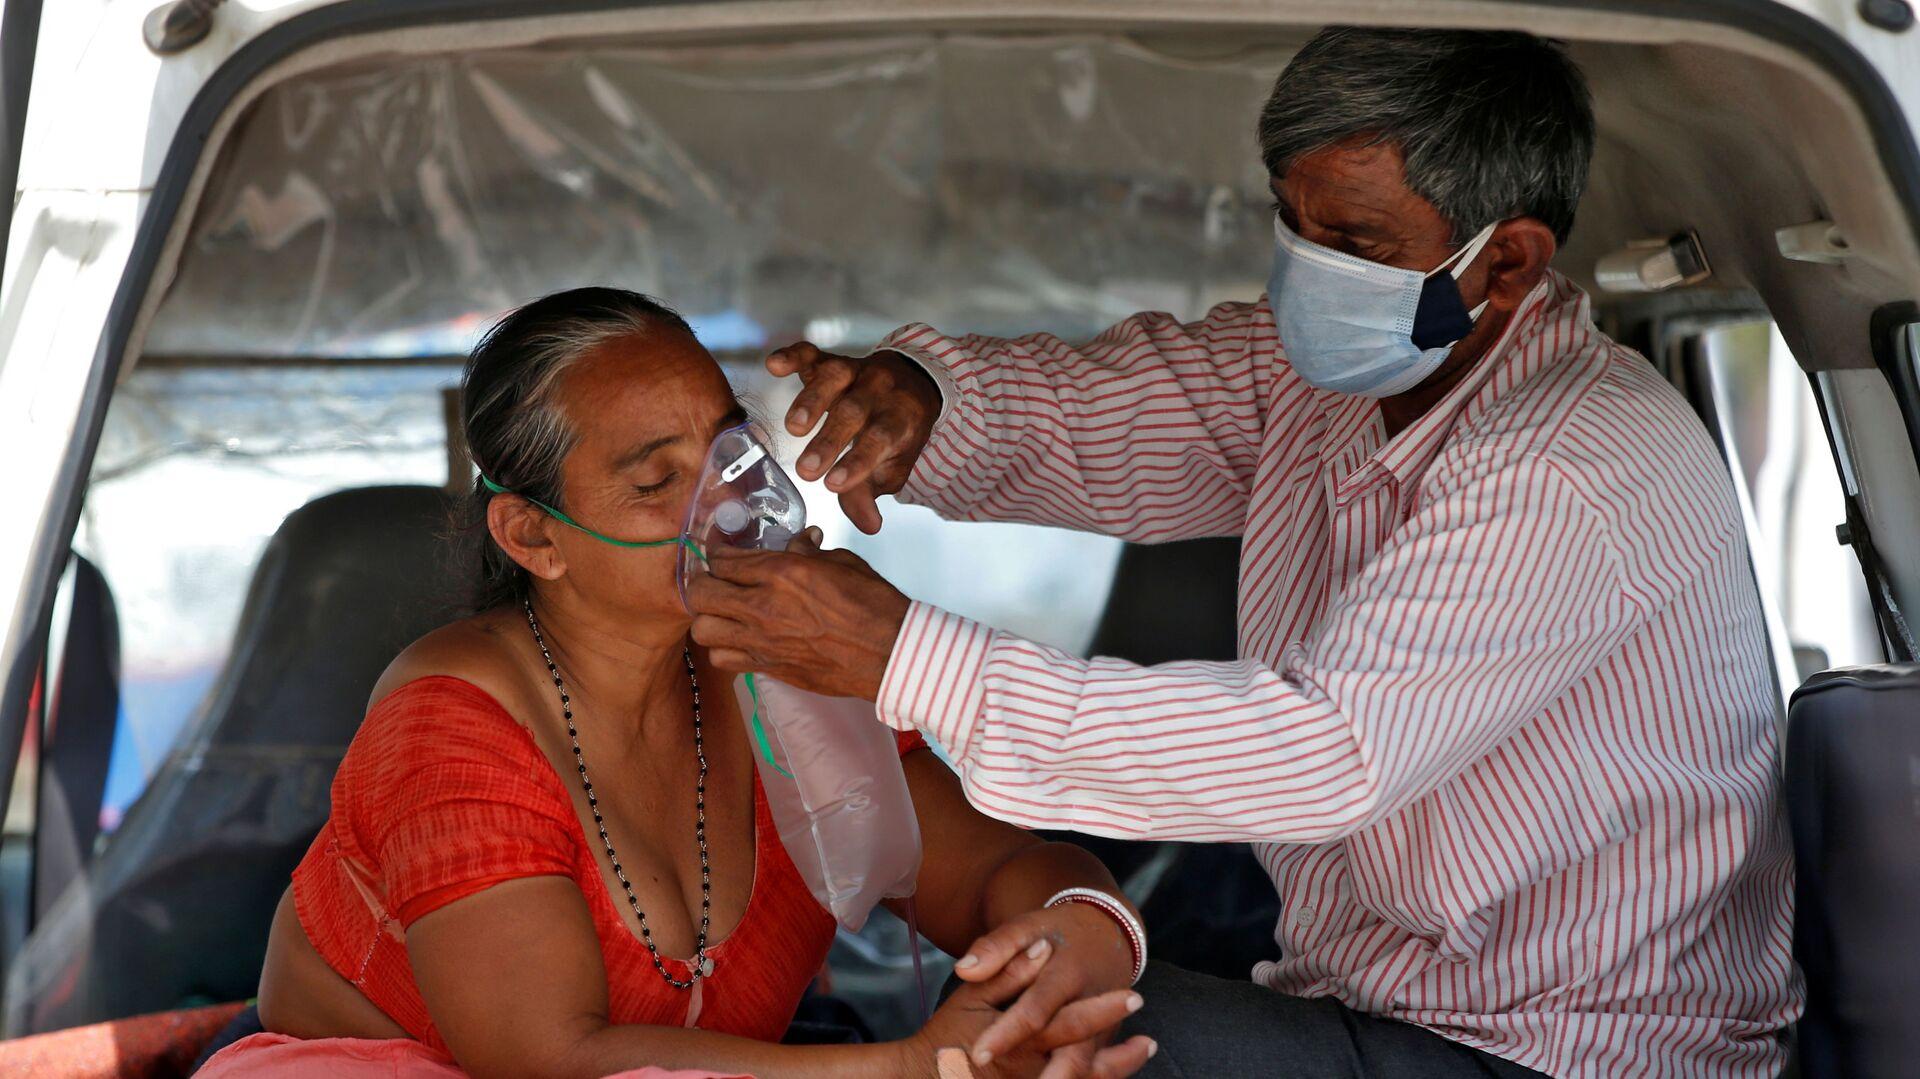 Muž upravuje kyslíkovou masku své ženě během čekání v autě na přijetí do nemocnice s covidem-19 k léčení, Indie - Sputnik Česká republika, 1920, 02.05.2021